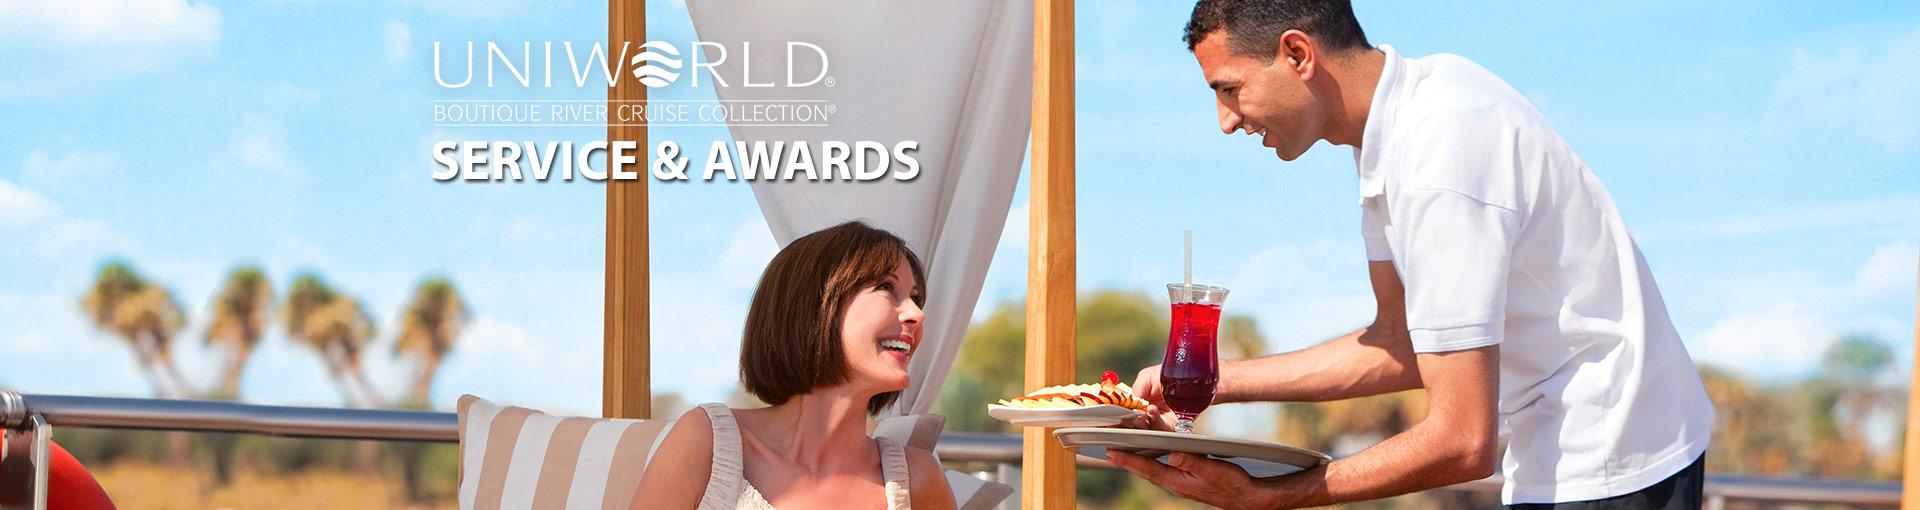 Uniworld River Cruises Service & Awards